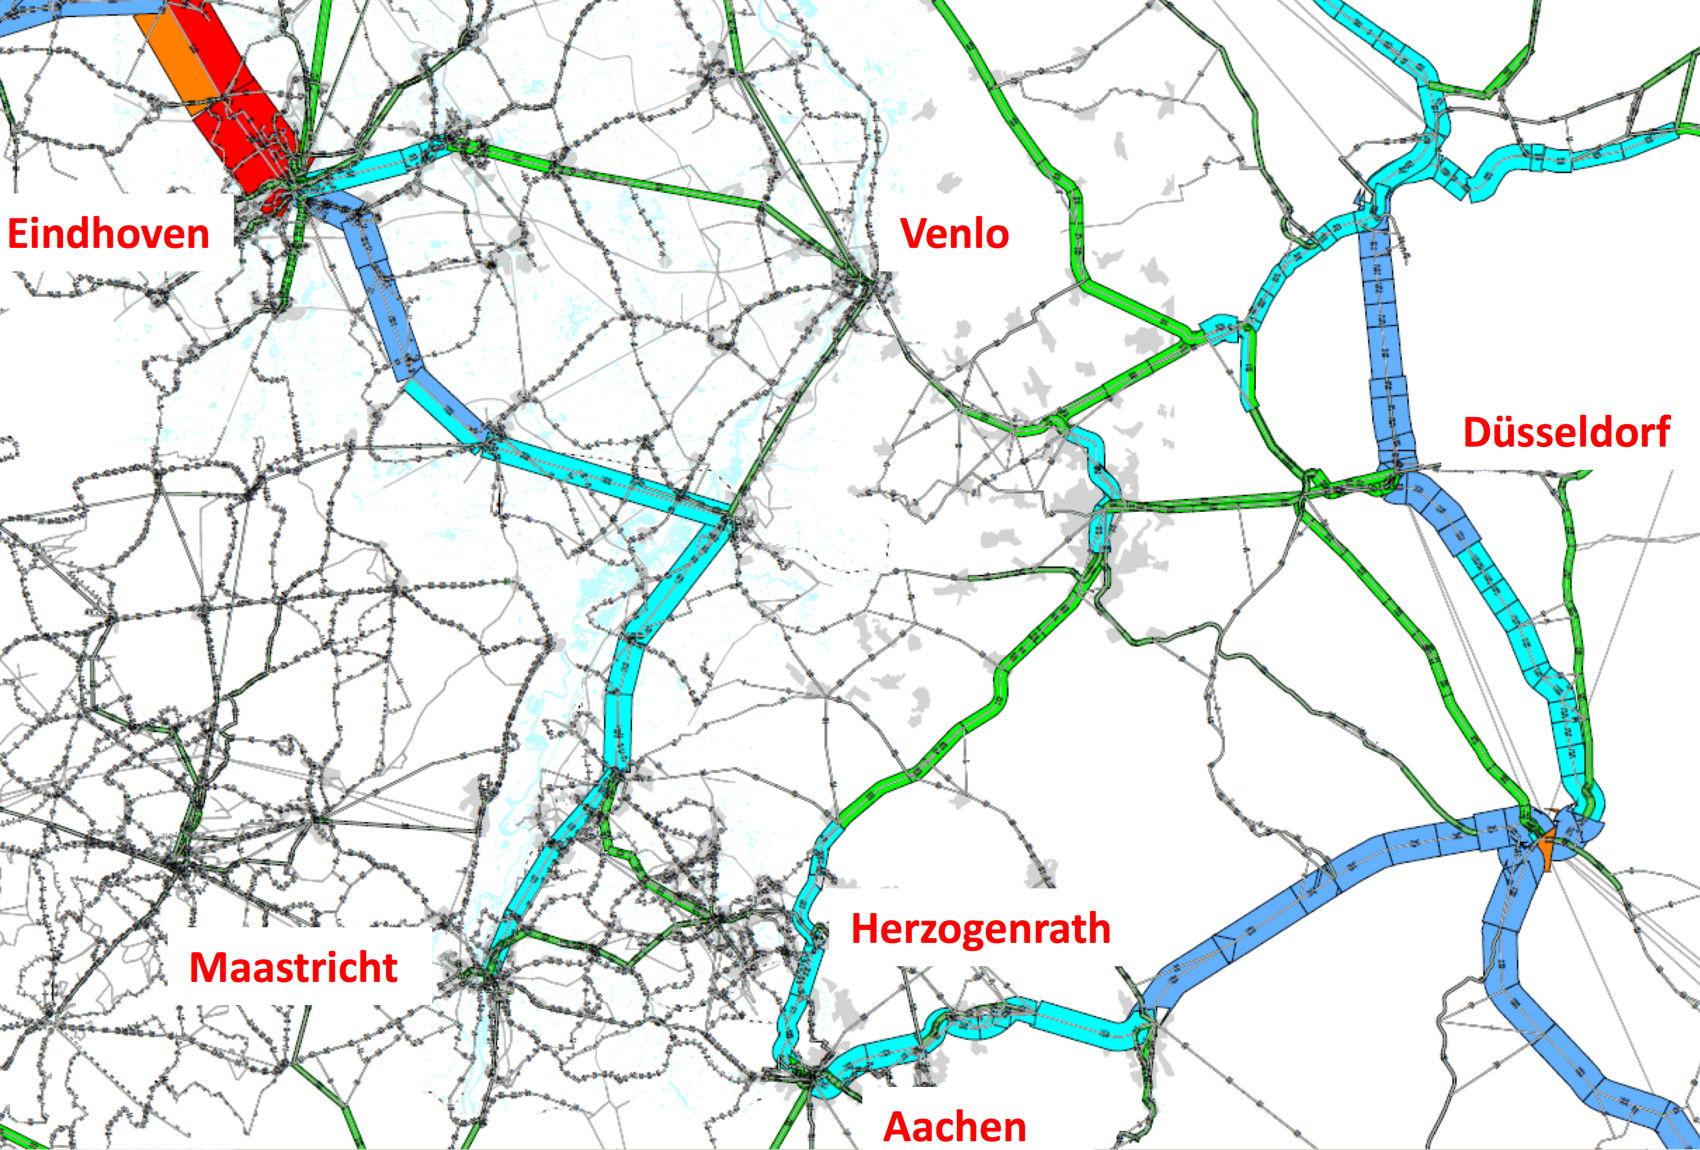 Onderzoek laat zien: meer reizigers bij betere grensoverschrijdende treinverbindingen